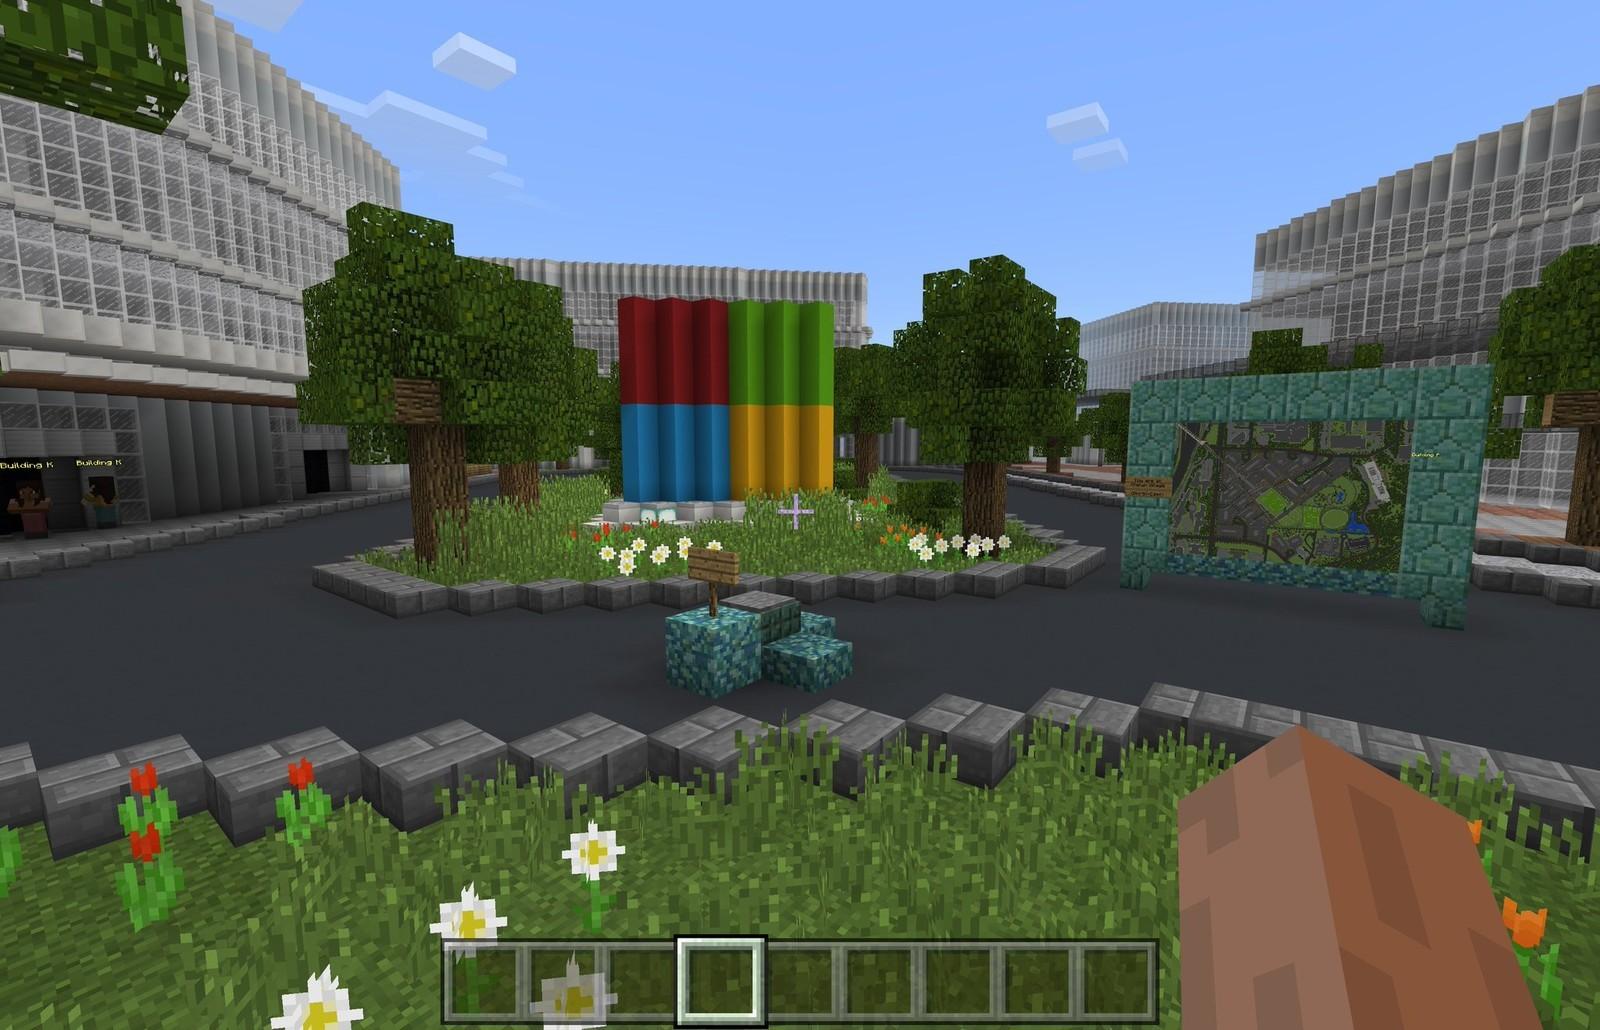 Microsoft заказала модель нового кампуса в Minecraft - 1